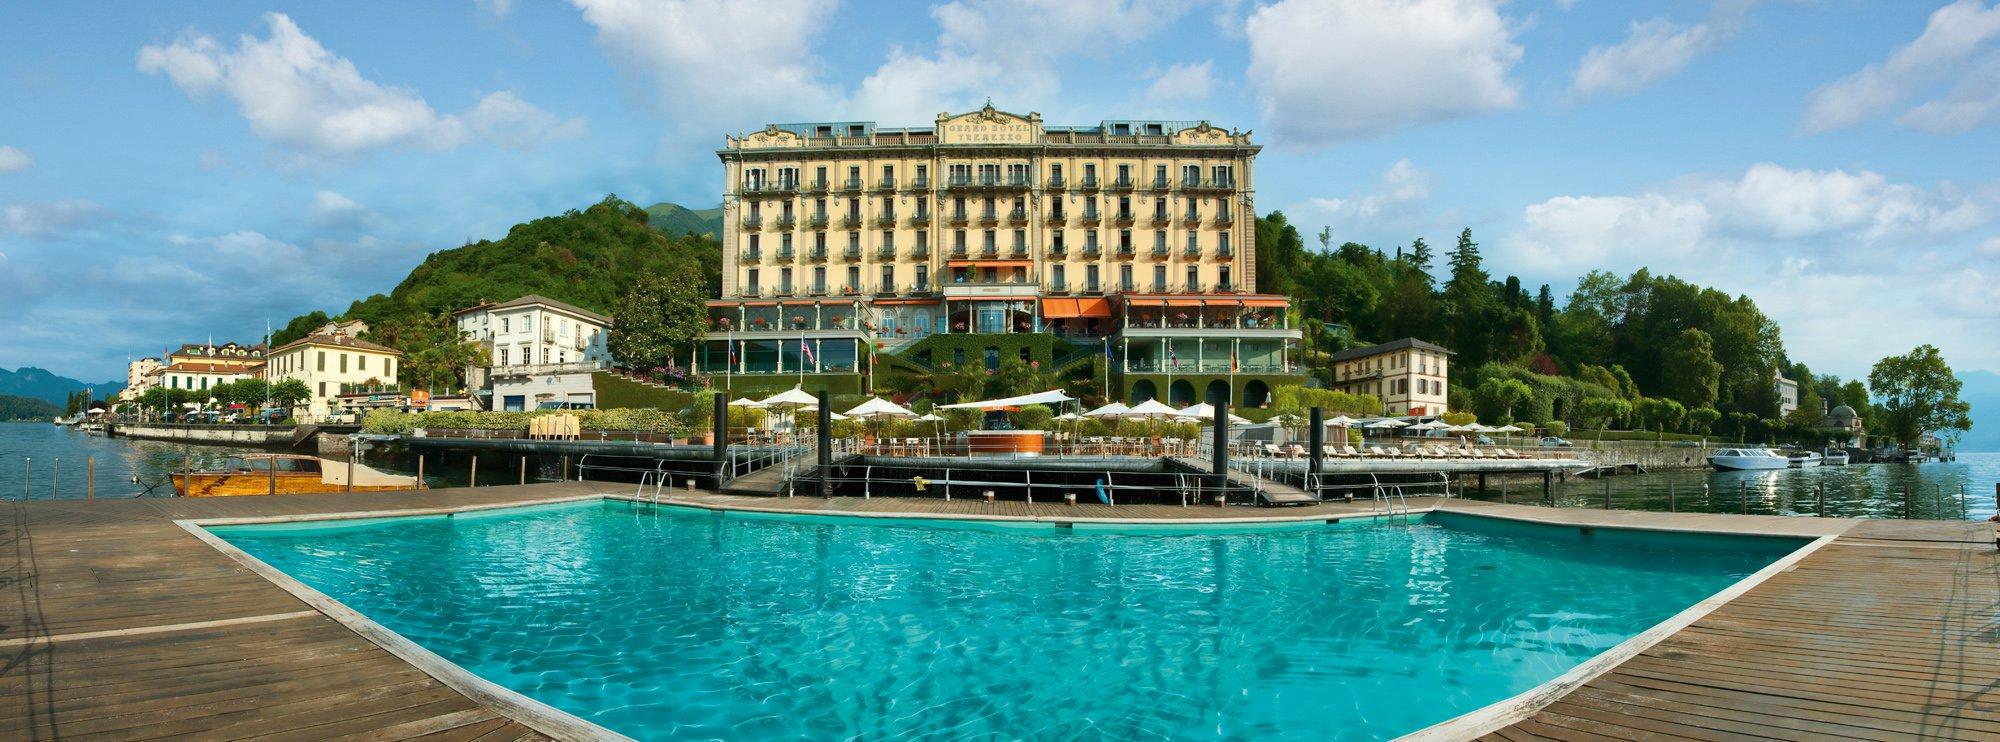 Grand Hotel Tremezzo Lake Como Italy Hip Trip